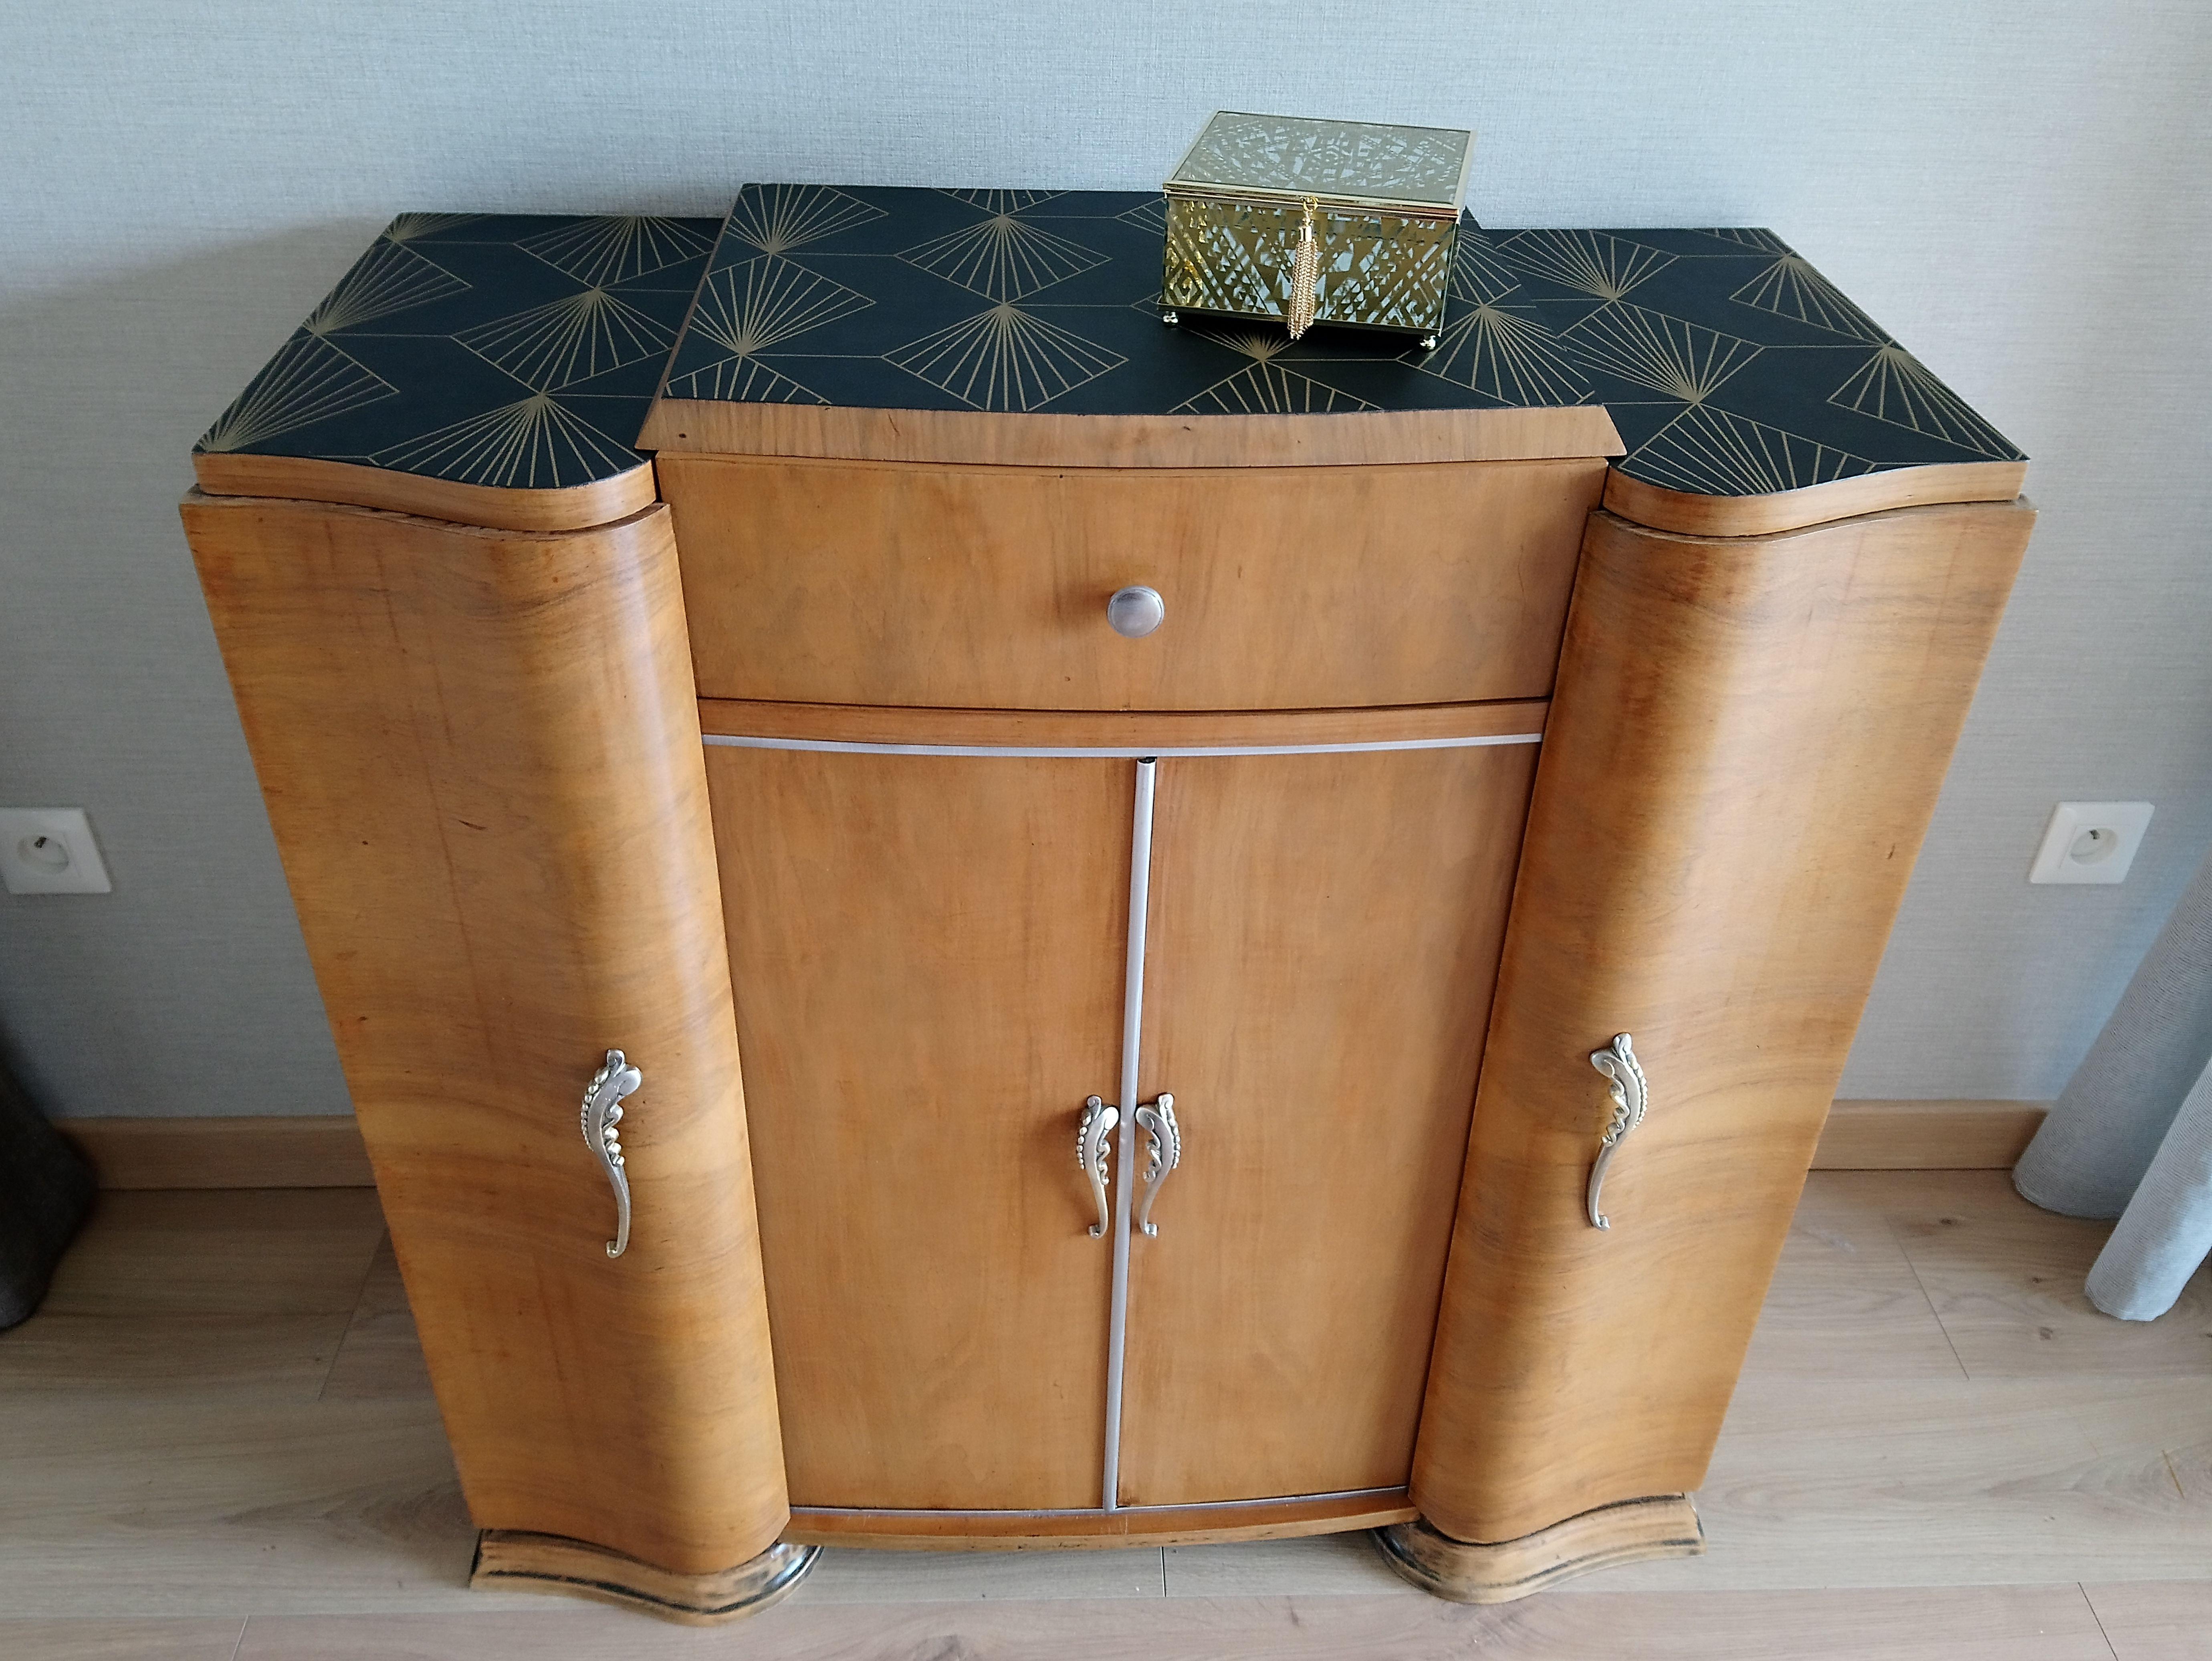 meuble art deco renovation et relooking de meubles nadrenov meubles art deco petit meuble d appoint relooking meuble